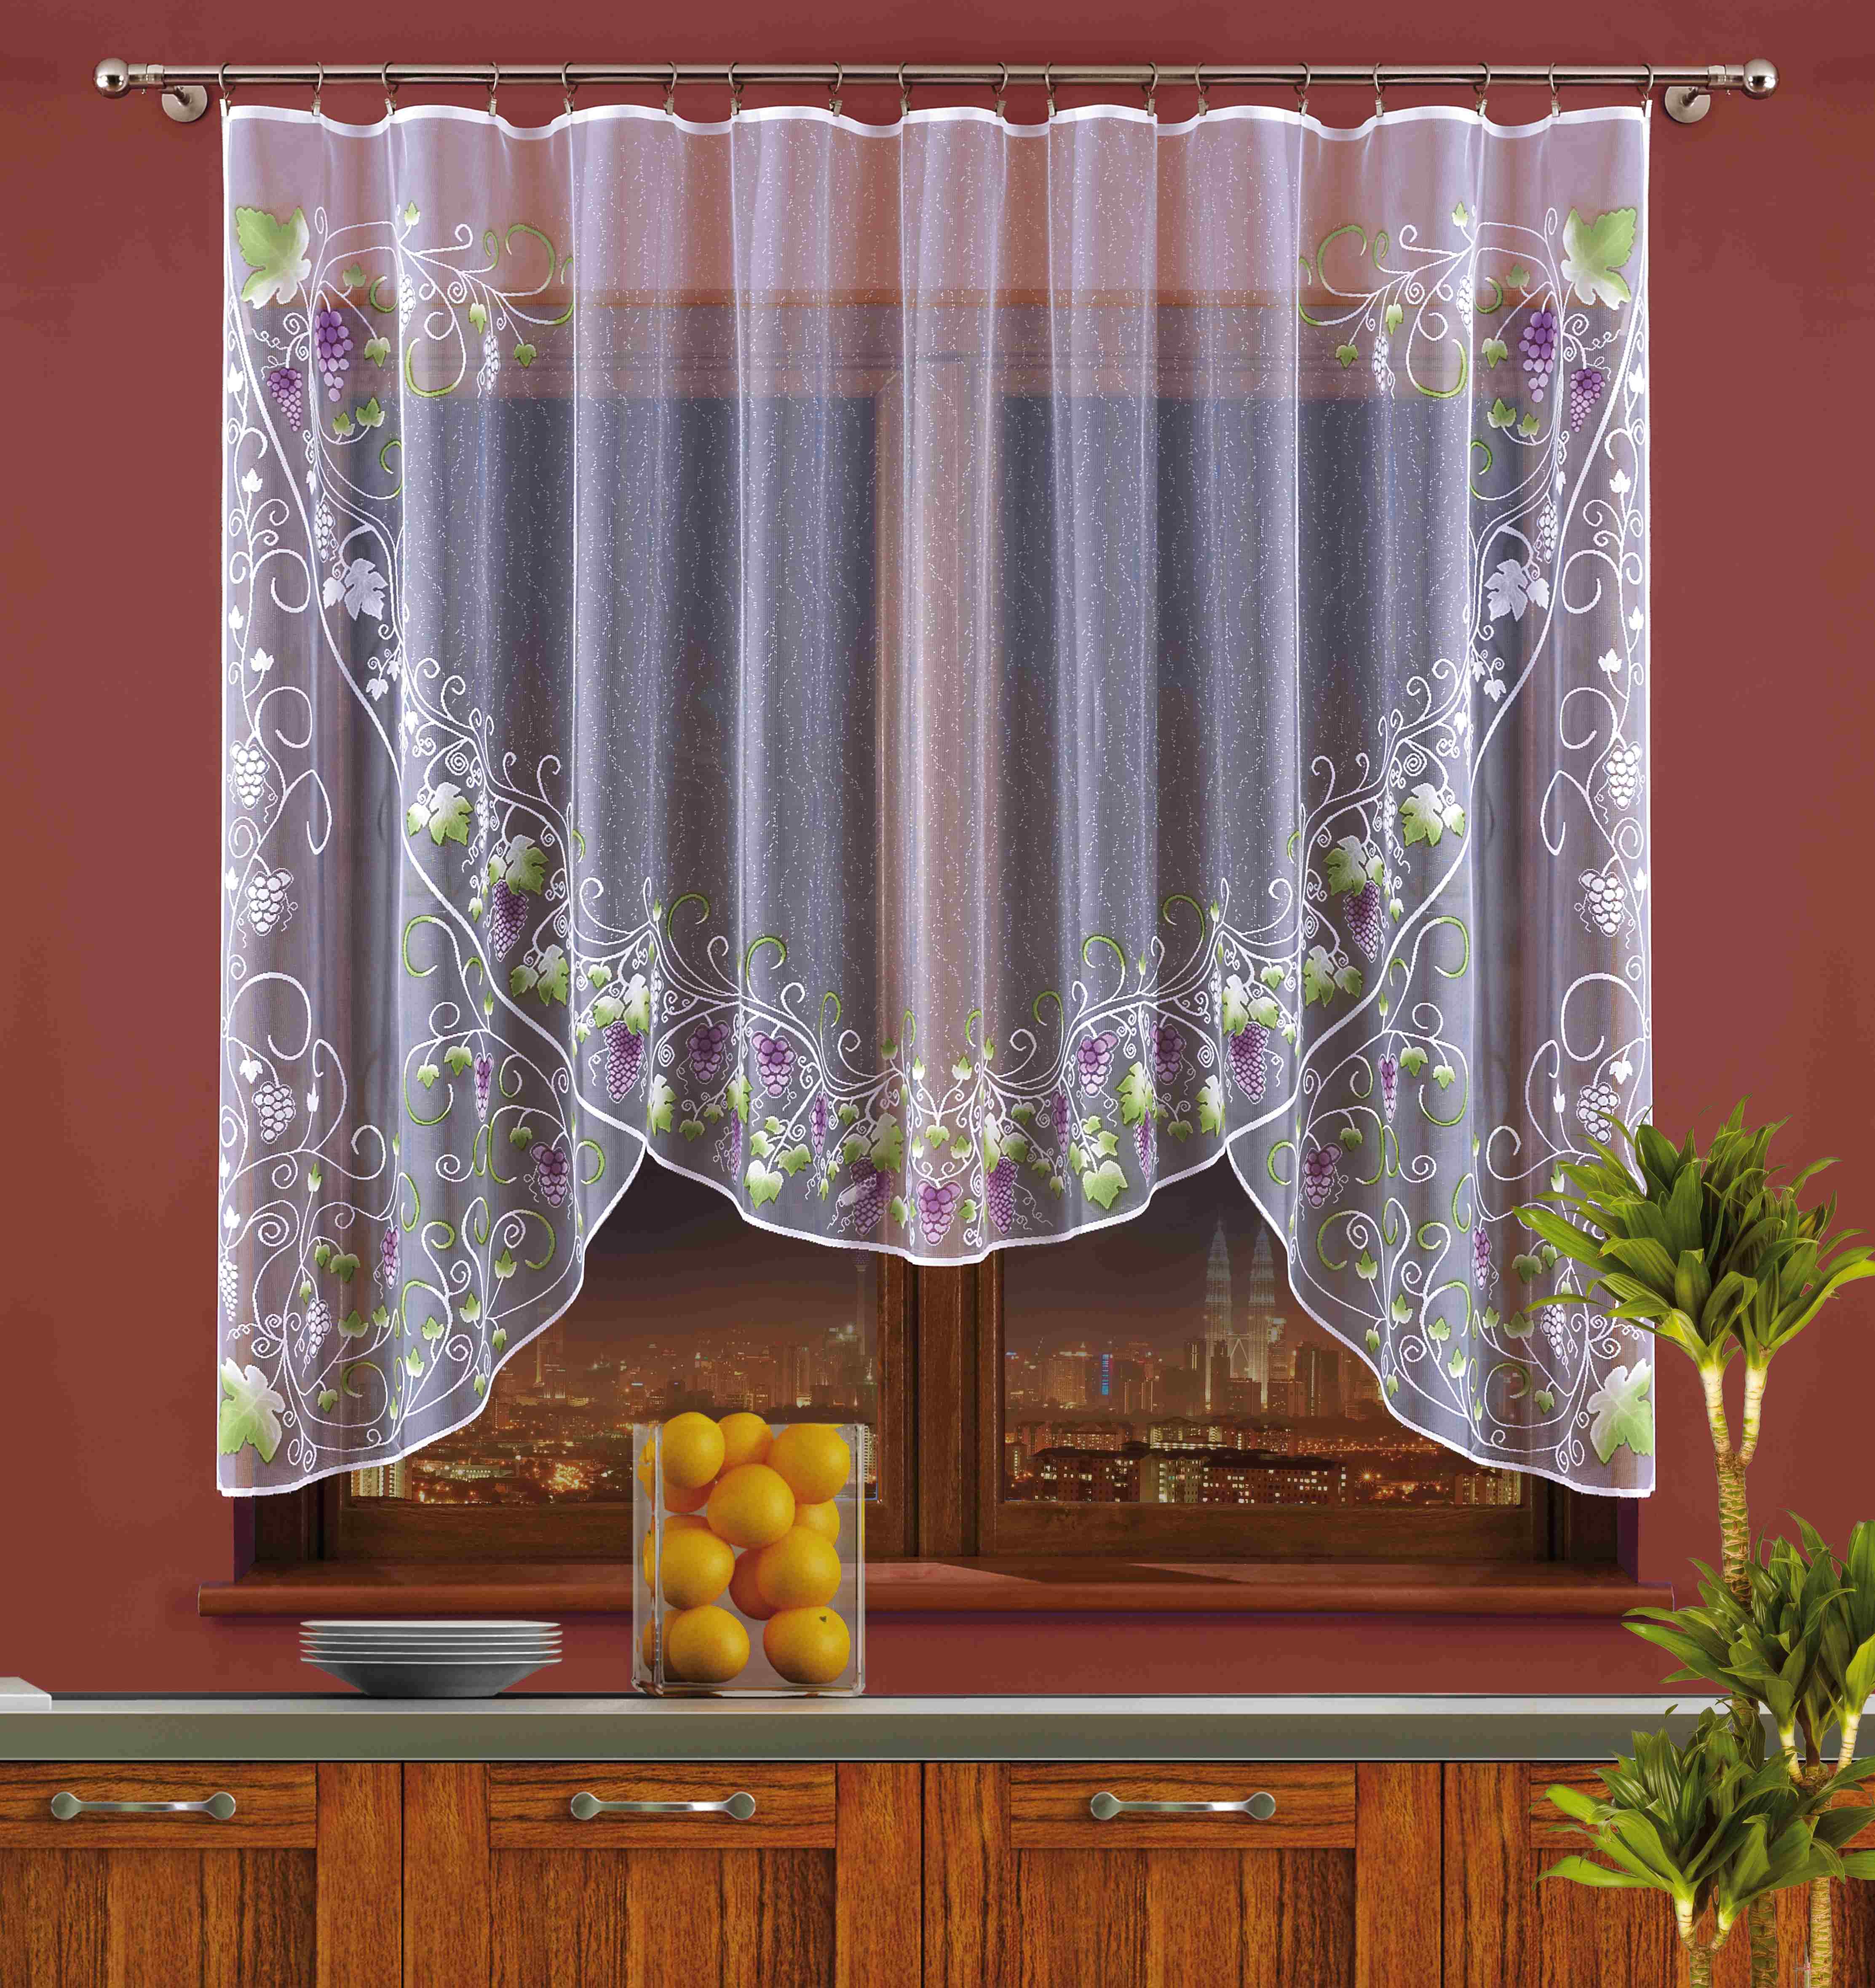 Штора для кухни Wisan, на ленте, цвет: белый, фиолетовый, зеленый, высота 150 см. 706АSVC-300Штора Wisan, выполненная из легкого полупрозрачного полиэстера, станет великолепным украшением кухонного окна. Изделие имеет ассиметричную длину и красивый рисунок в виде гроздей винограда по краю. Качественный материал и оригинальный дизайн привлекут к себе внимание и позволят шторе органично вписаться в интерьер помещения. Штора оснащена шторной лентой под зажимы для крепления на карниз.